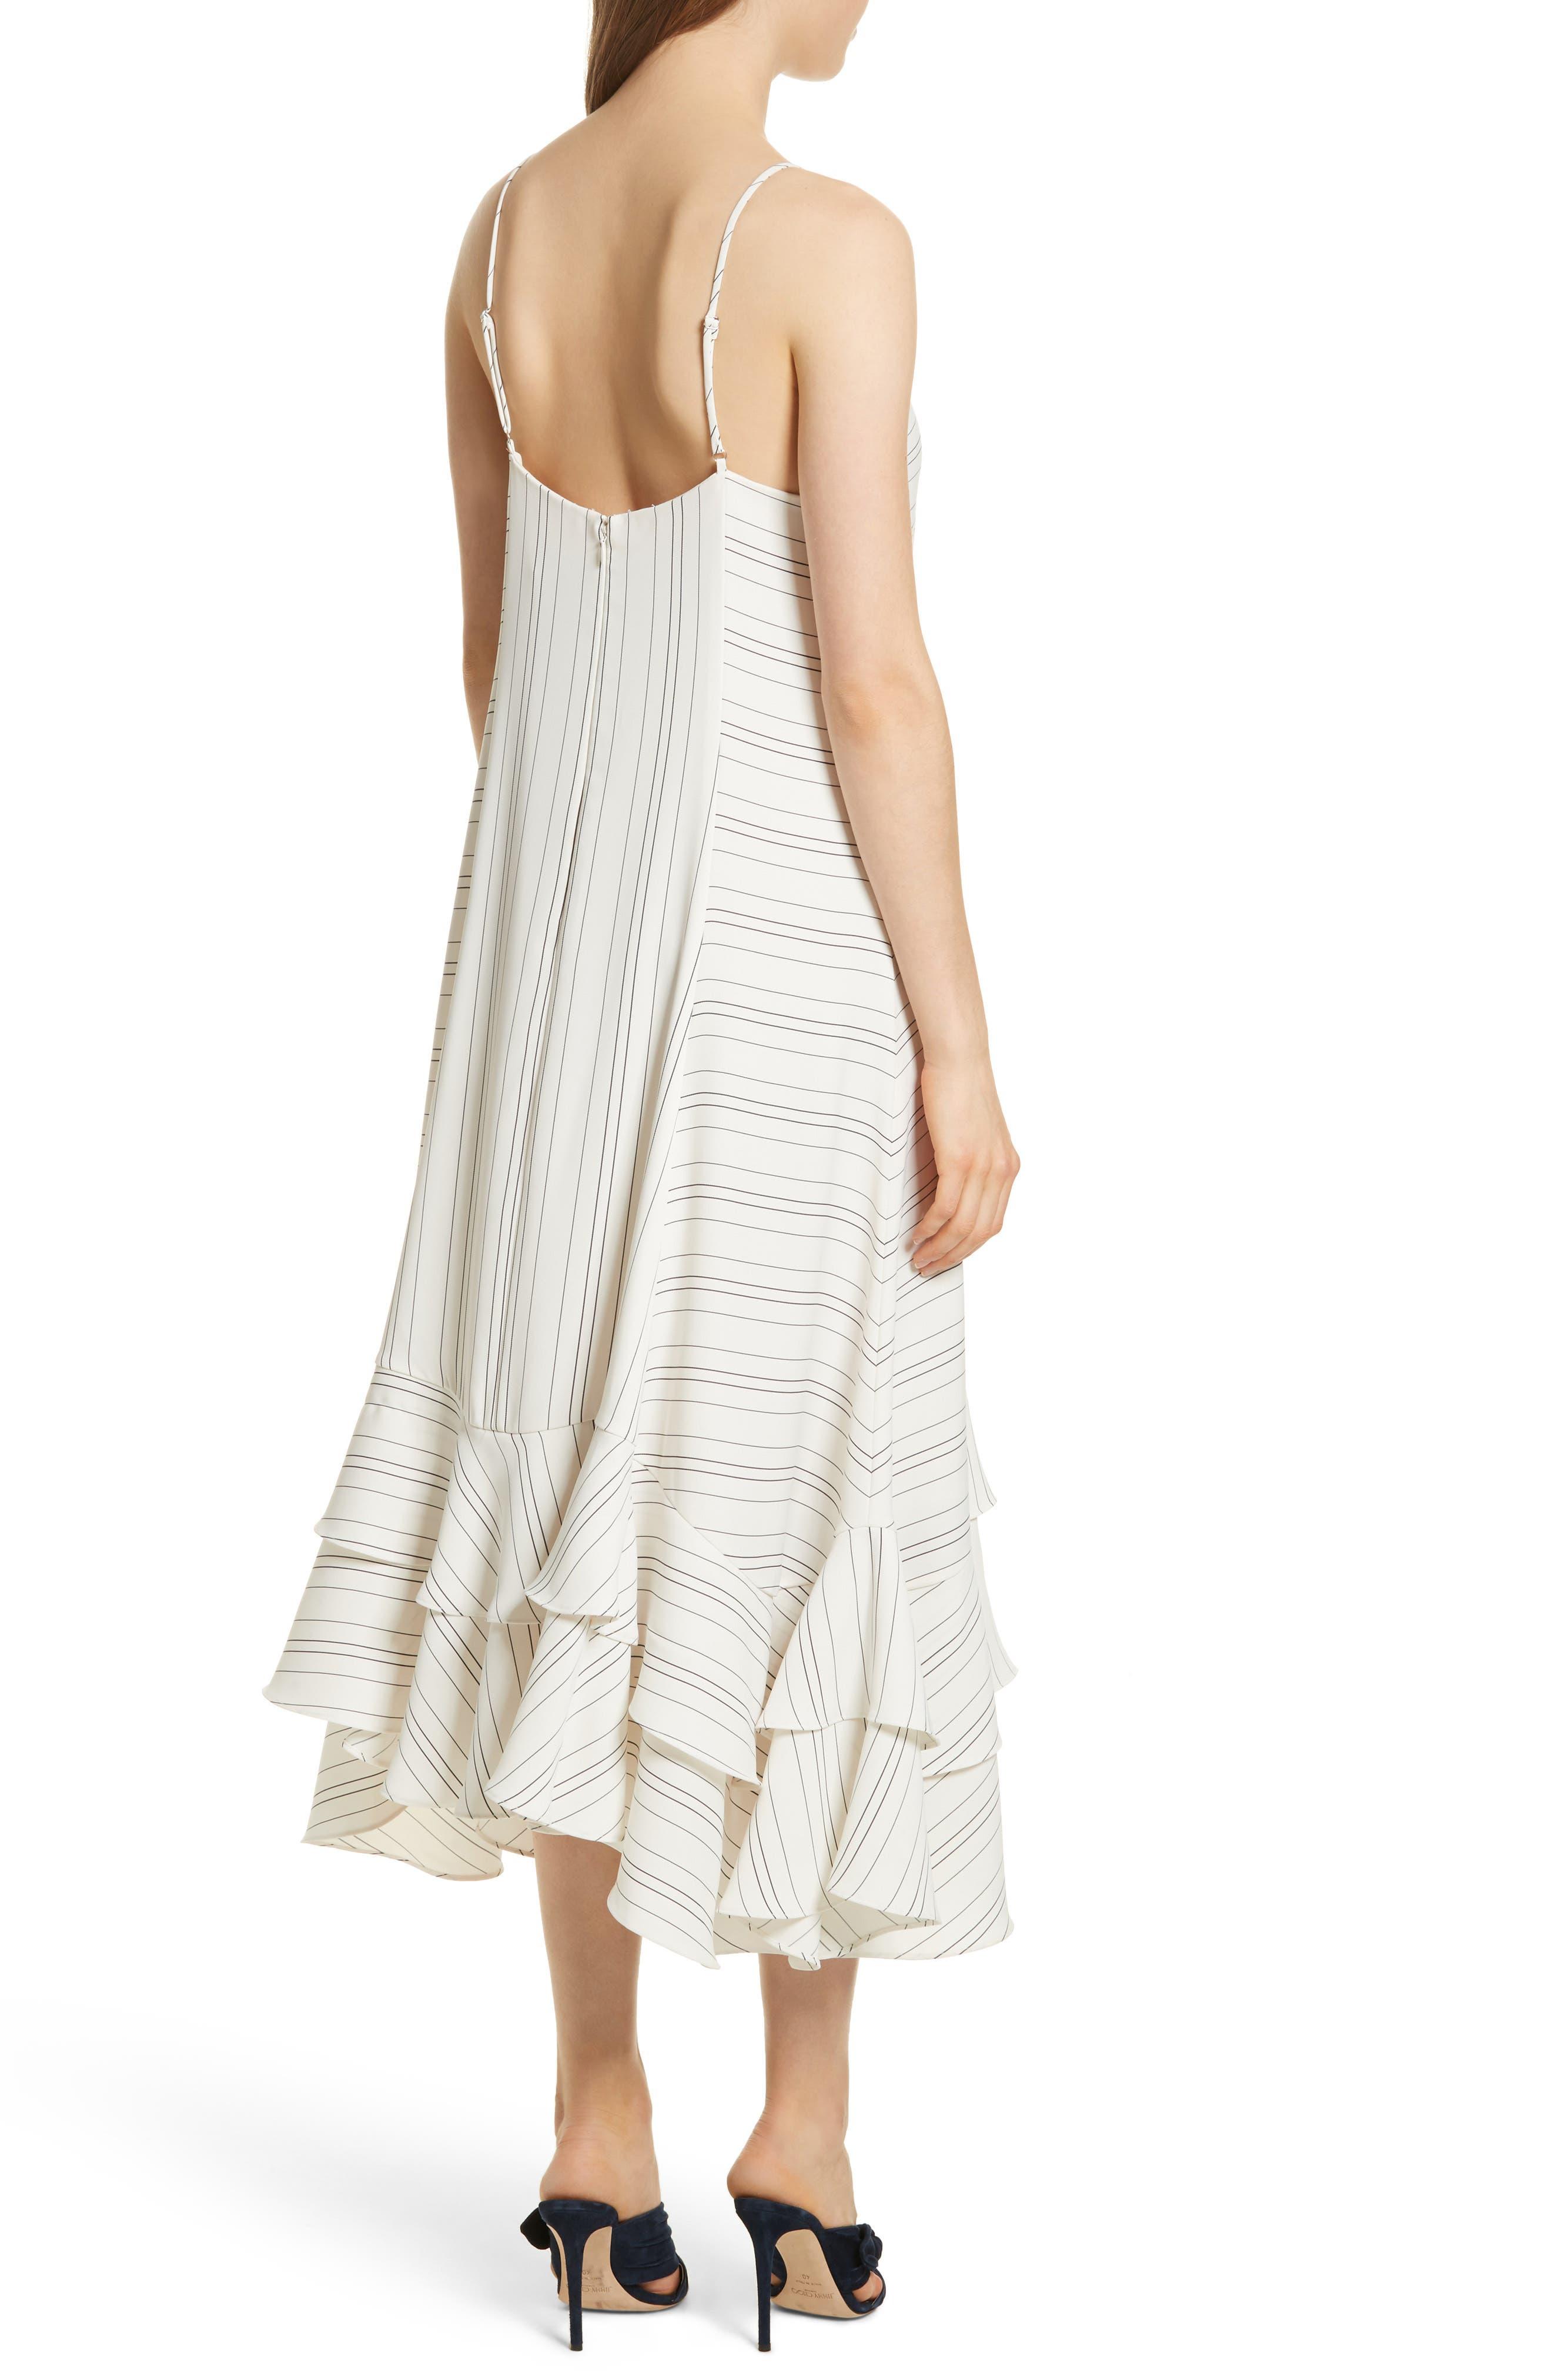 Prose & Poetry Skylar Flare Midi Dress,                             Alternate thumbnail 2, color,                             Light Ecru